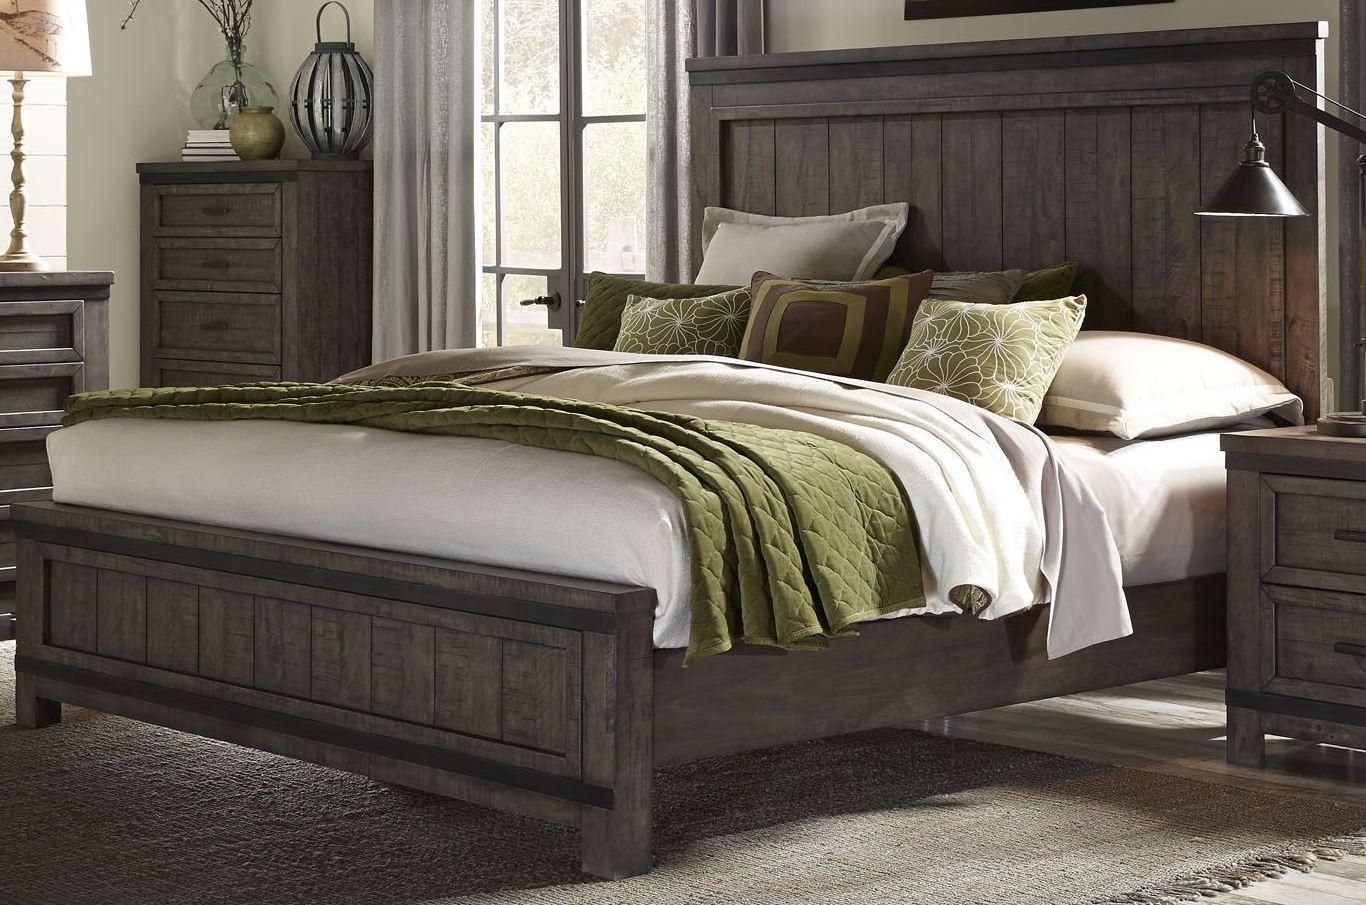 thornwood hills rock beaten gray panel bedroom set 759 br